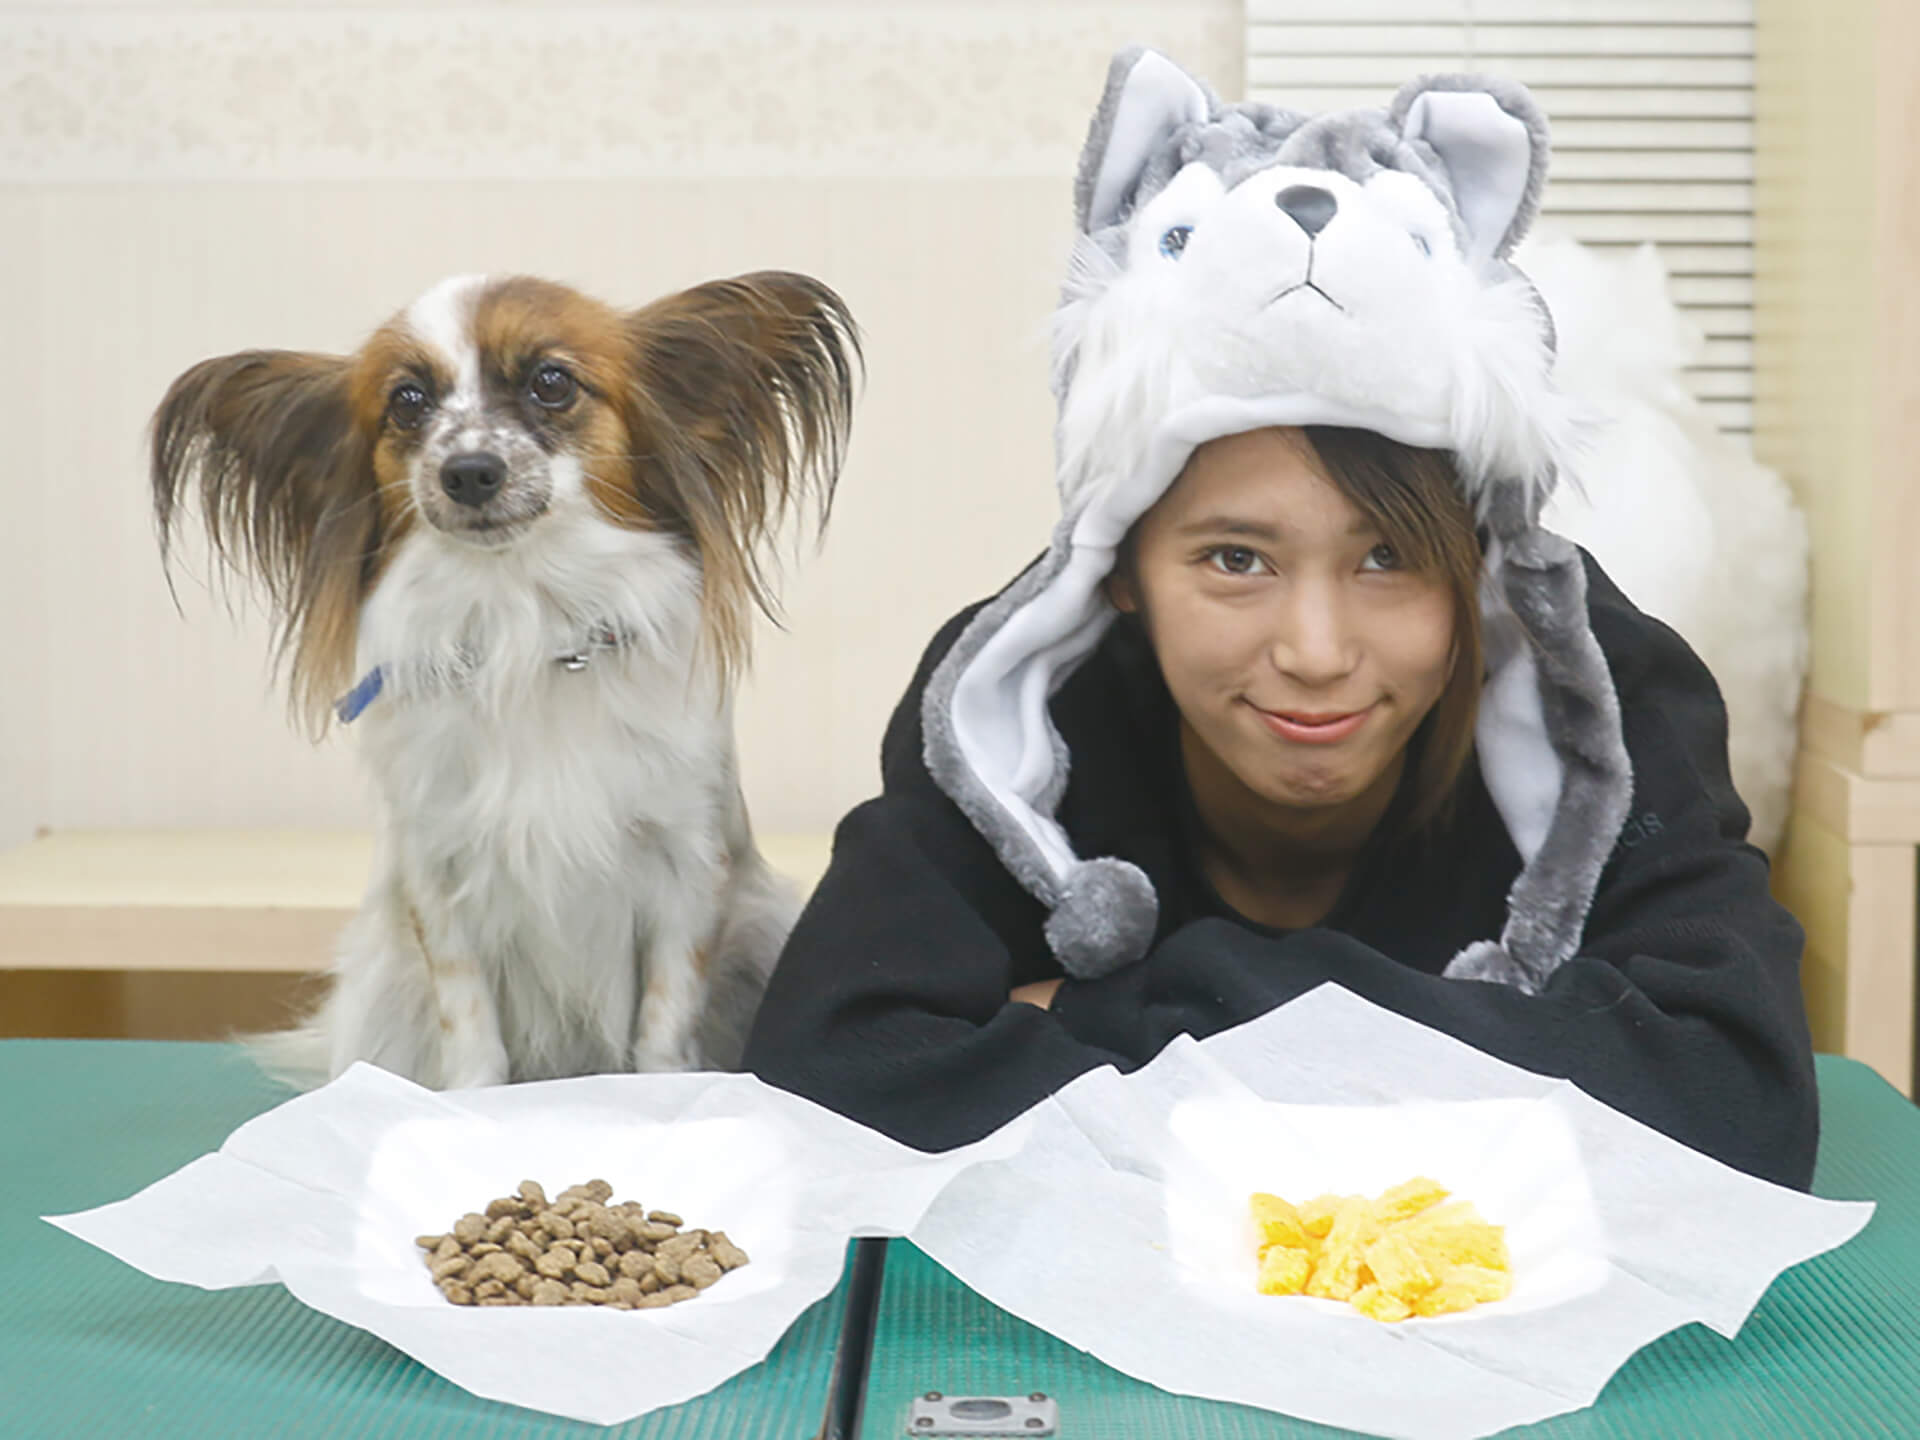 この写真はわんにゃんドーム2019のなりきりコンテストでの、犬になりきっているオーナーとその飼い犬です